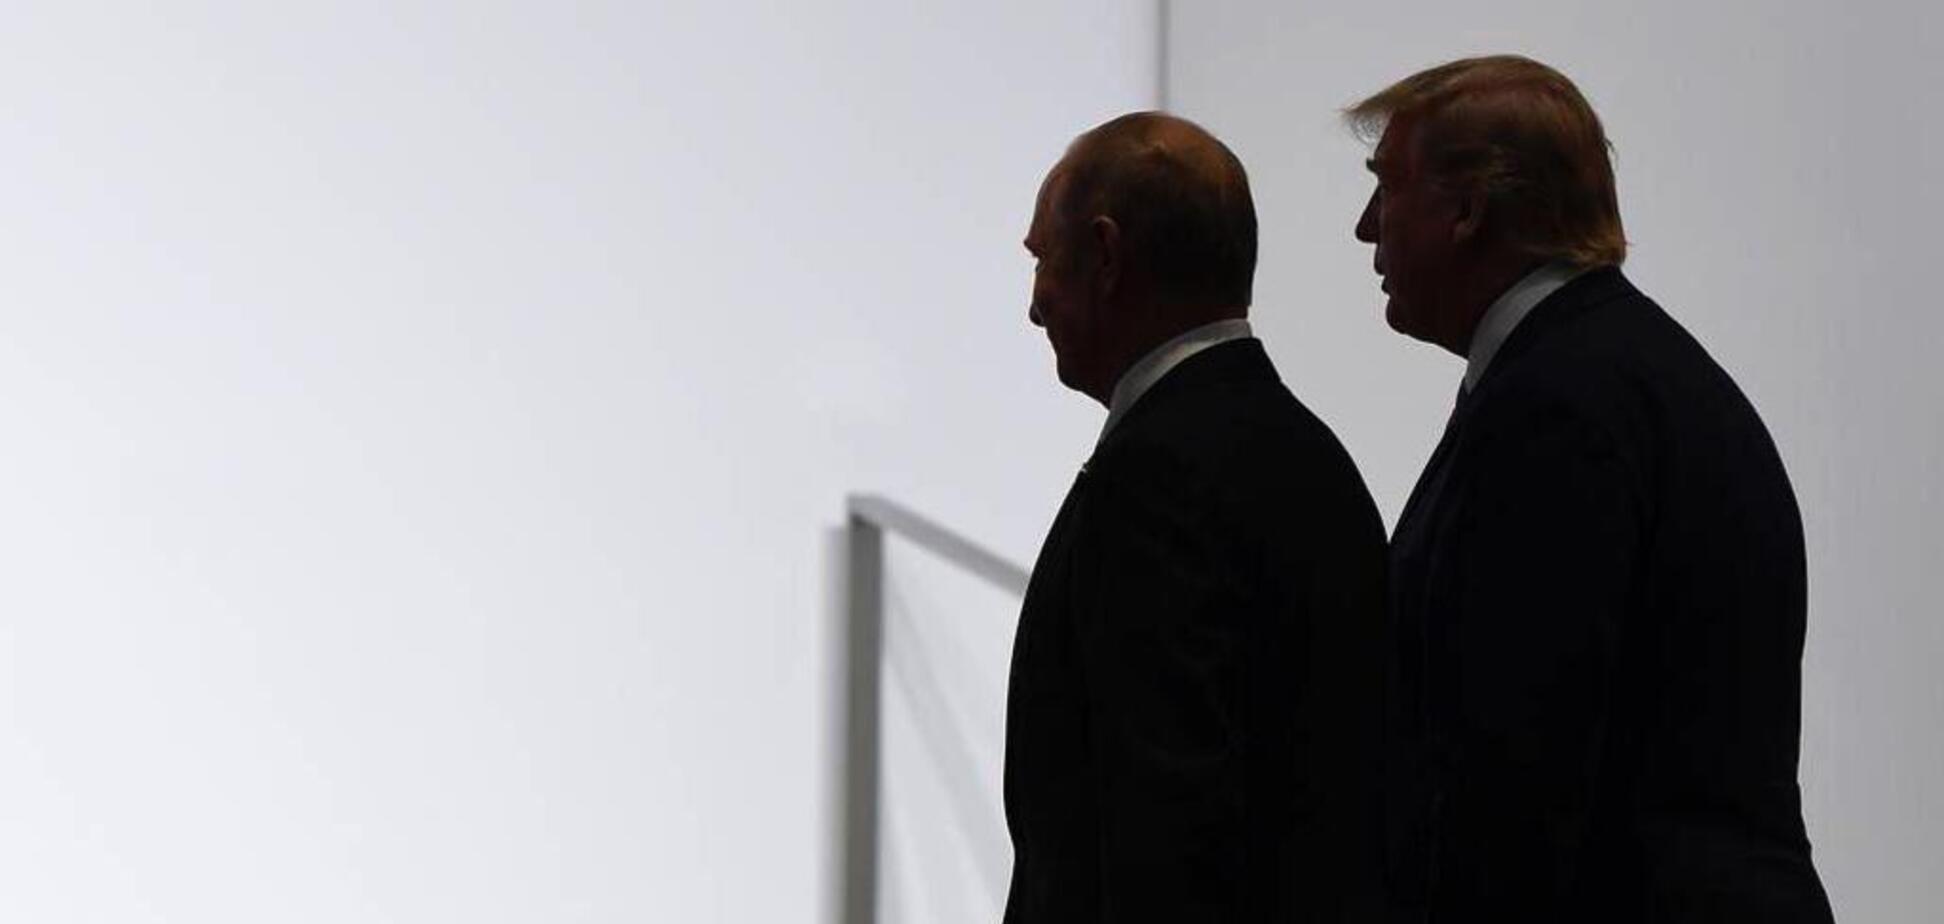 'Просил дважды': стало известно о публичной просьбе Трампа к Путину